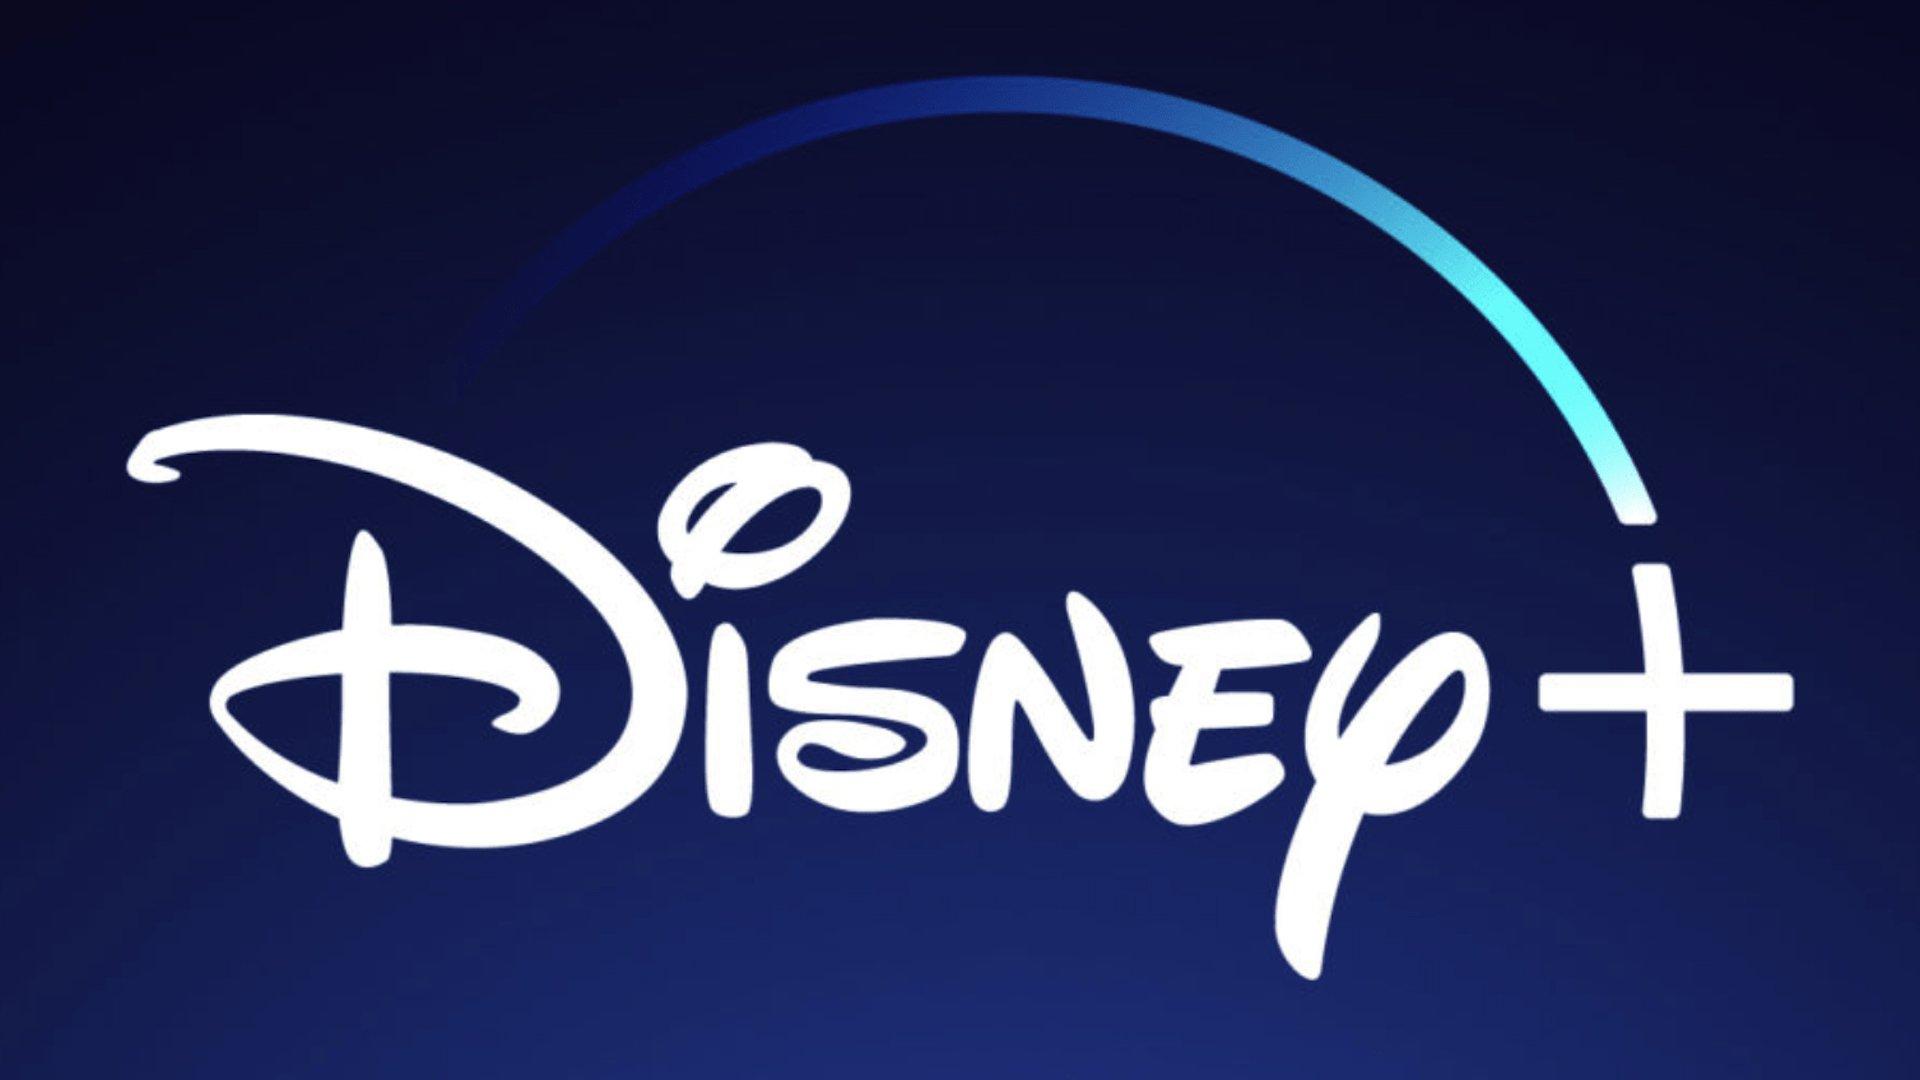 Disney+: anticipata al 24 marzo l'uscita italiana della piattaforma